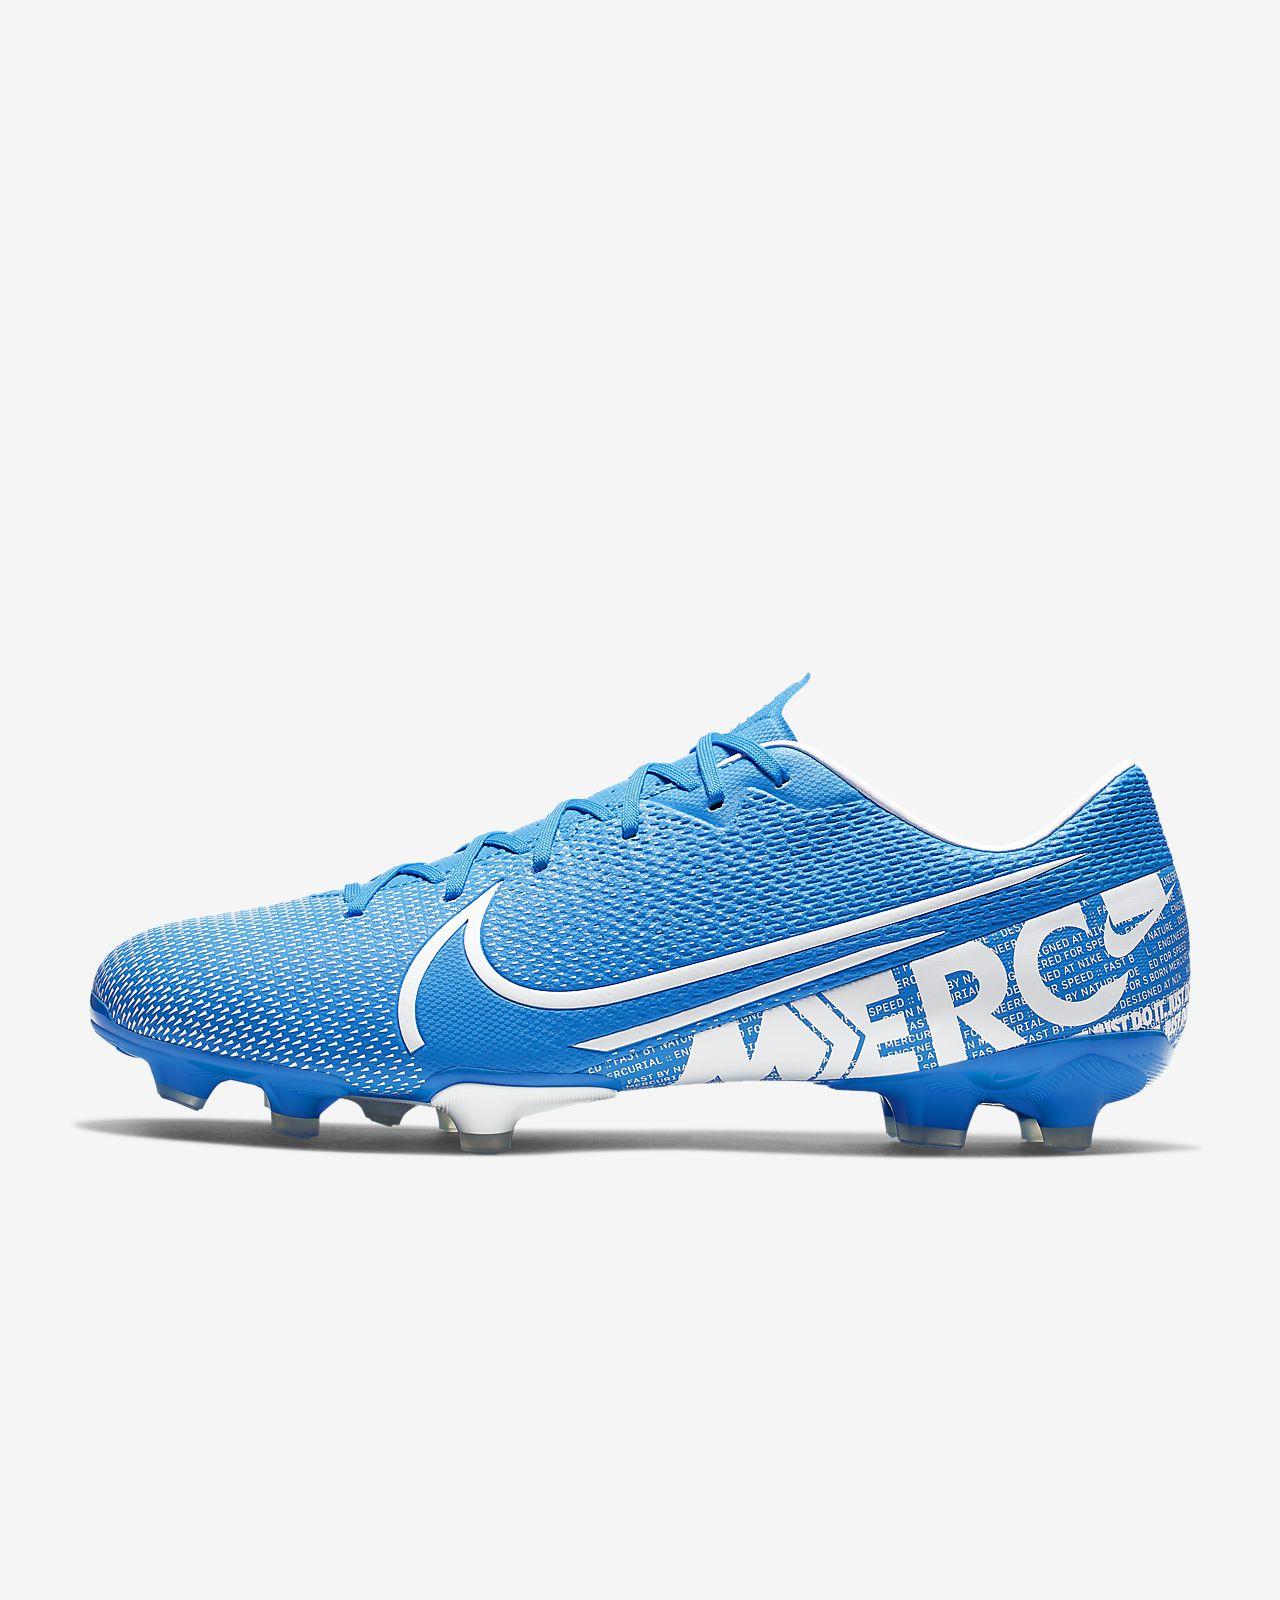 Nike Mercurial Vapor 13 Academy MG-fodboldstøvle til flere typer underlag